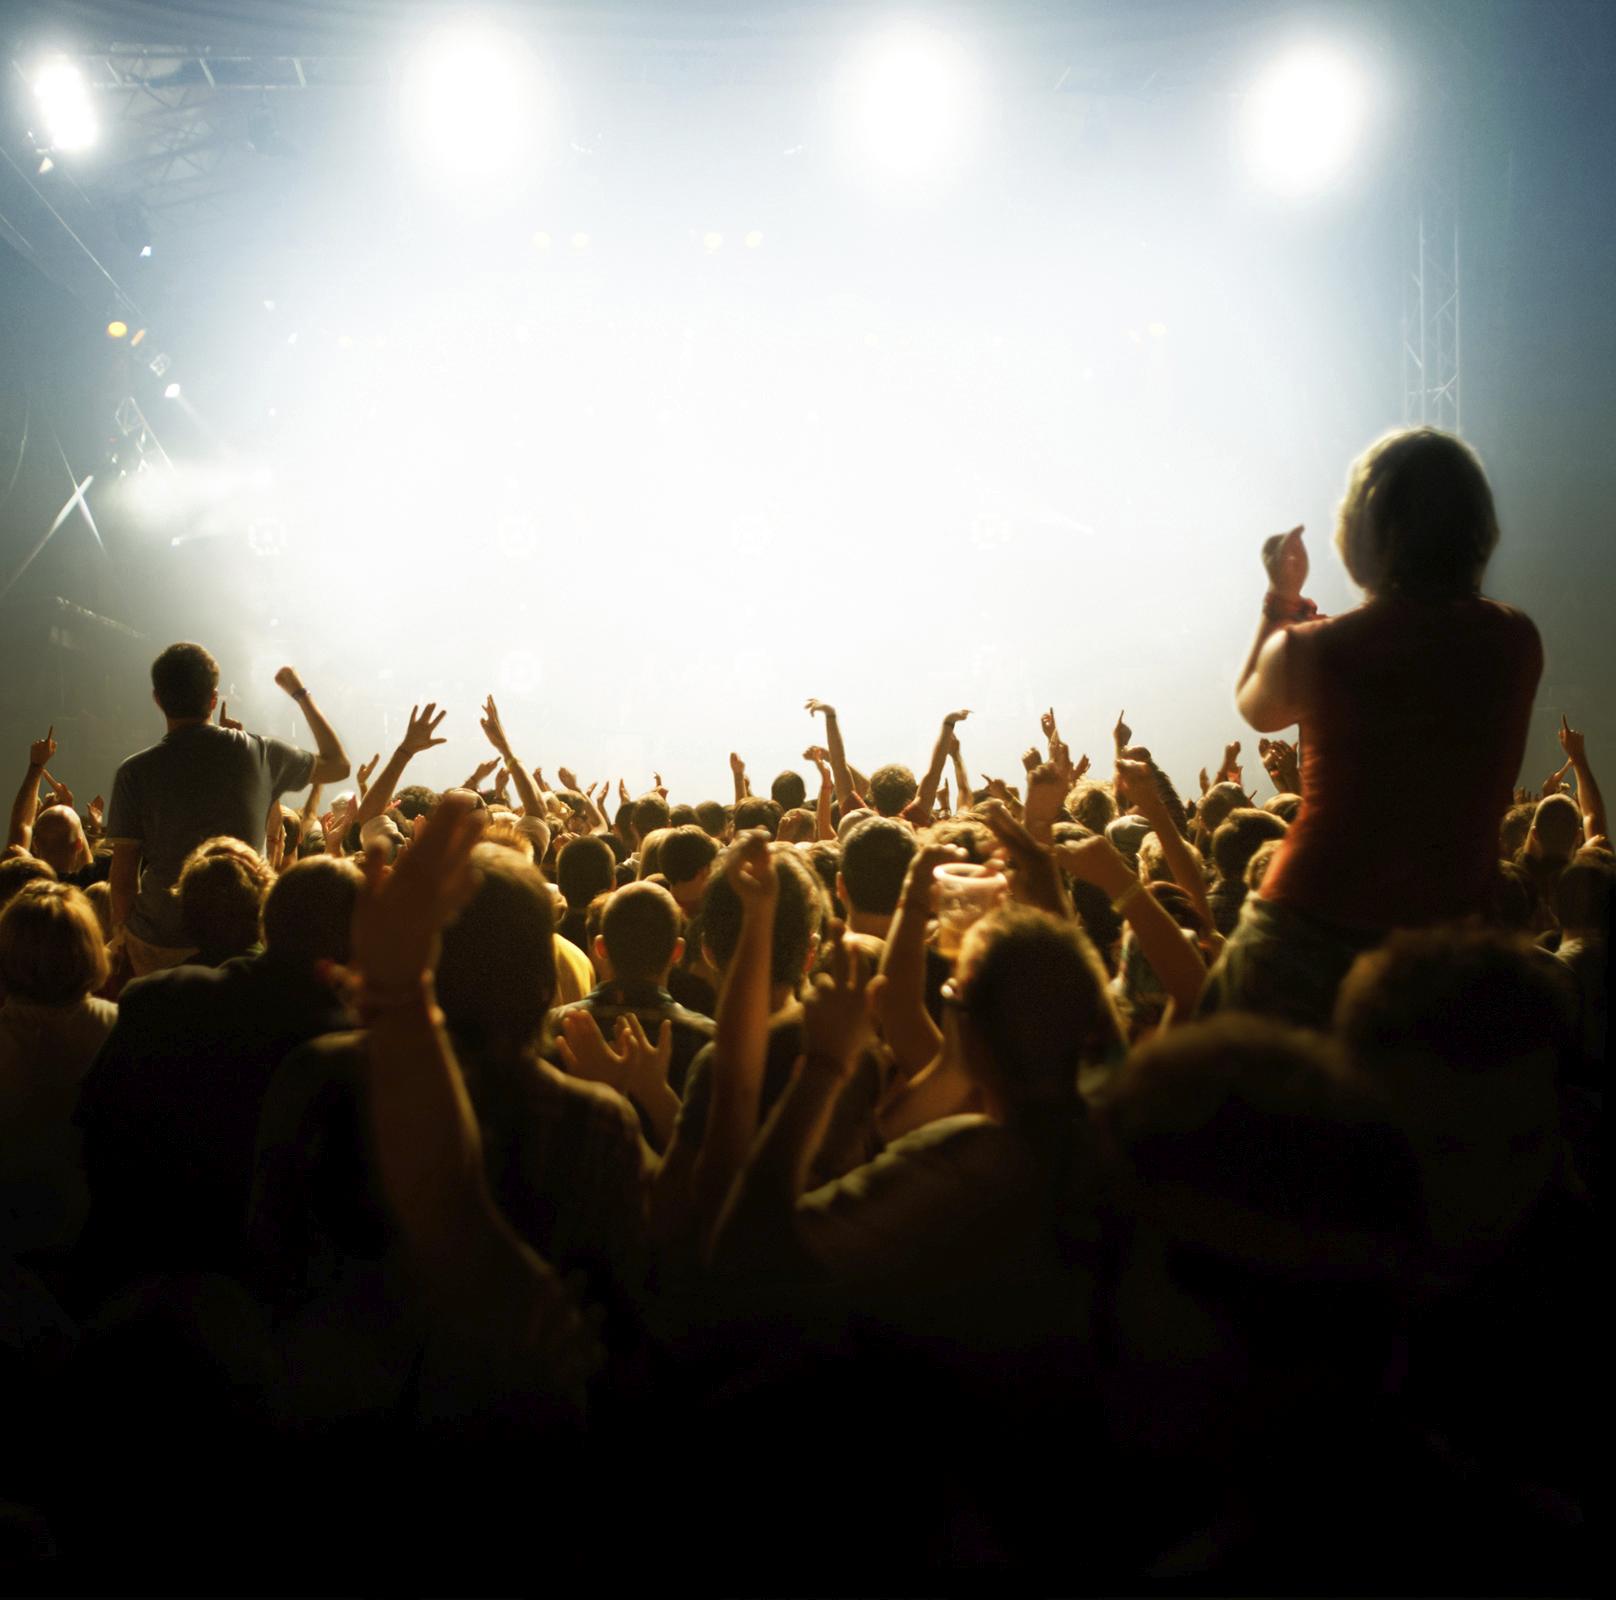 fusionmusicmarketing.com